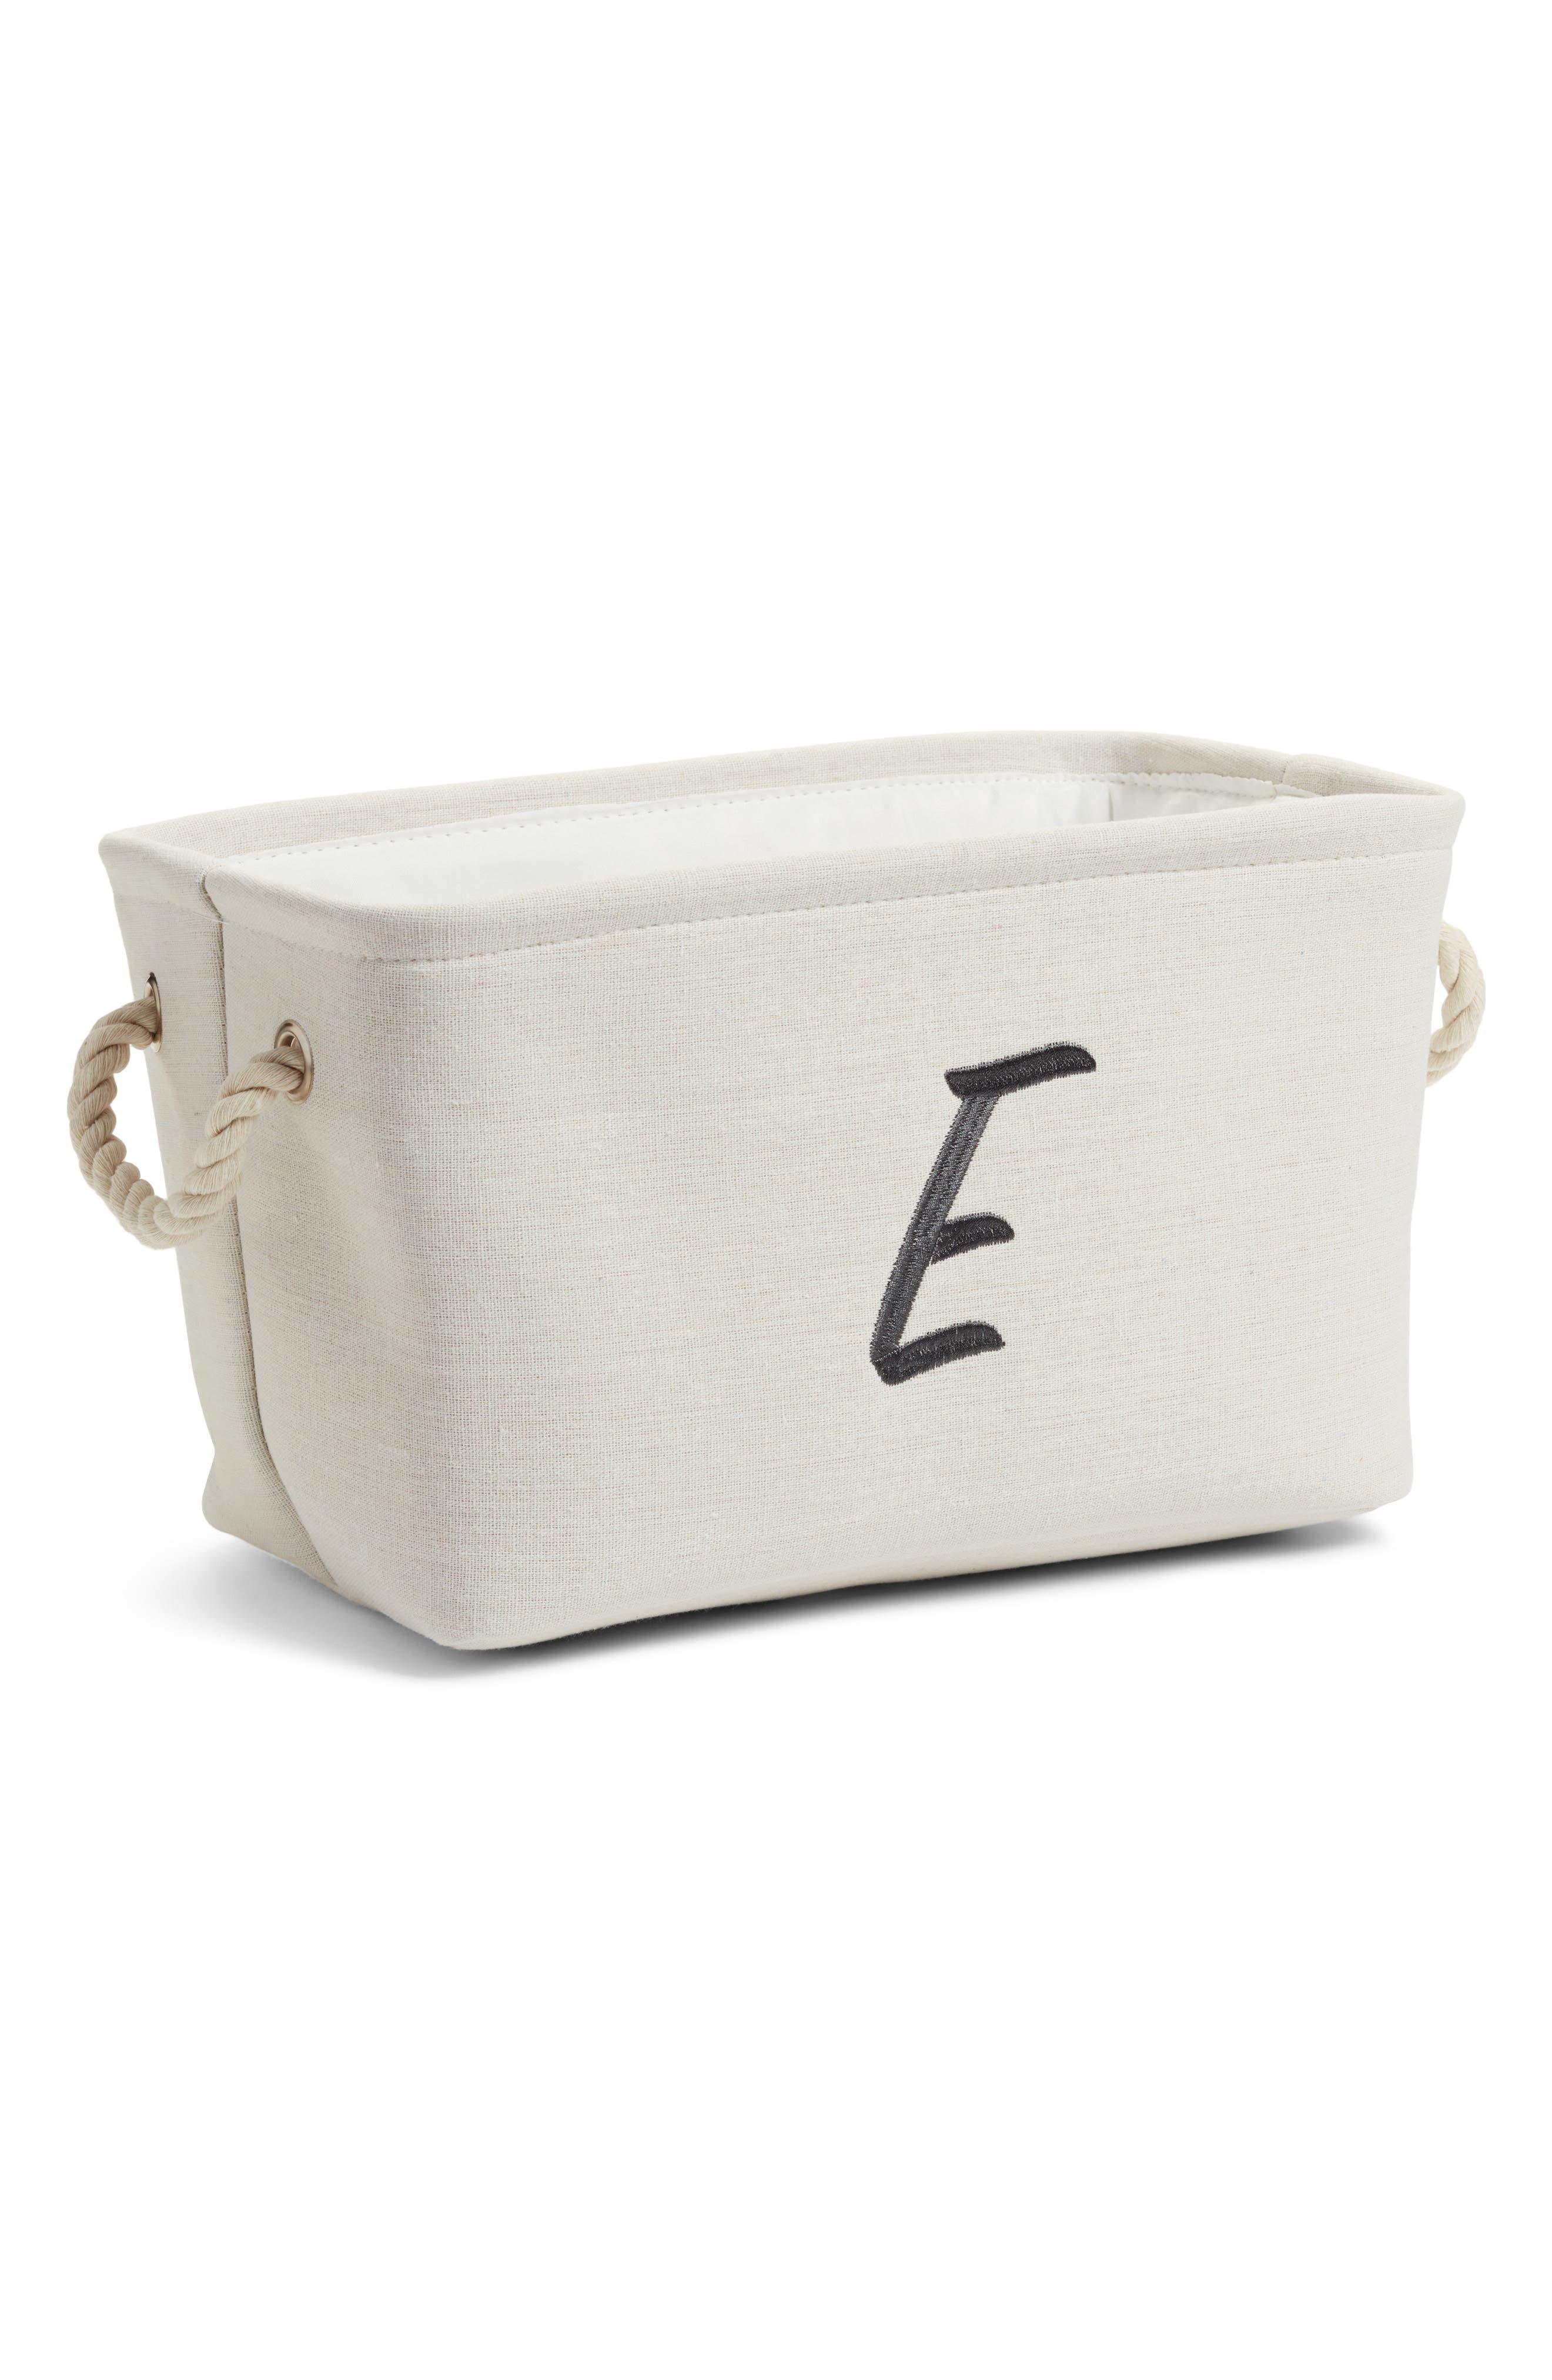 Levtex Initial Monogram Storage Basket